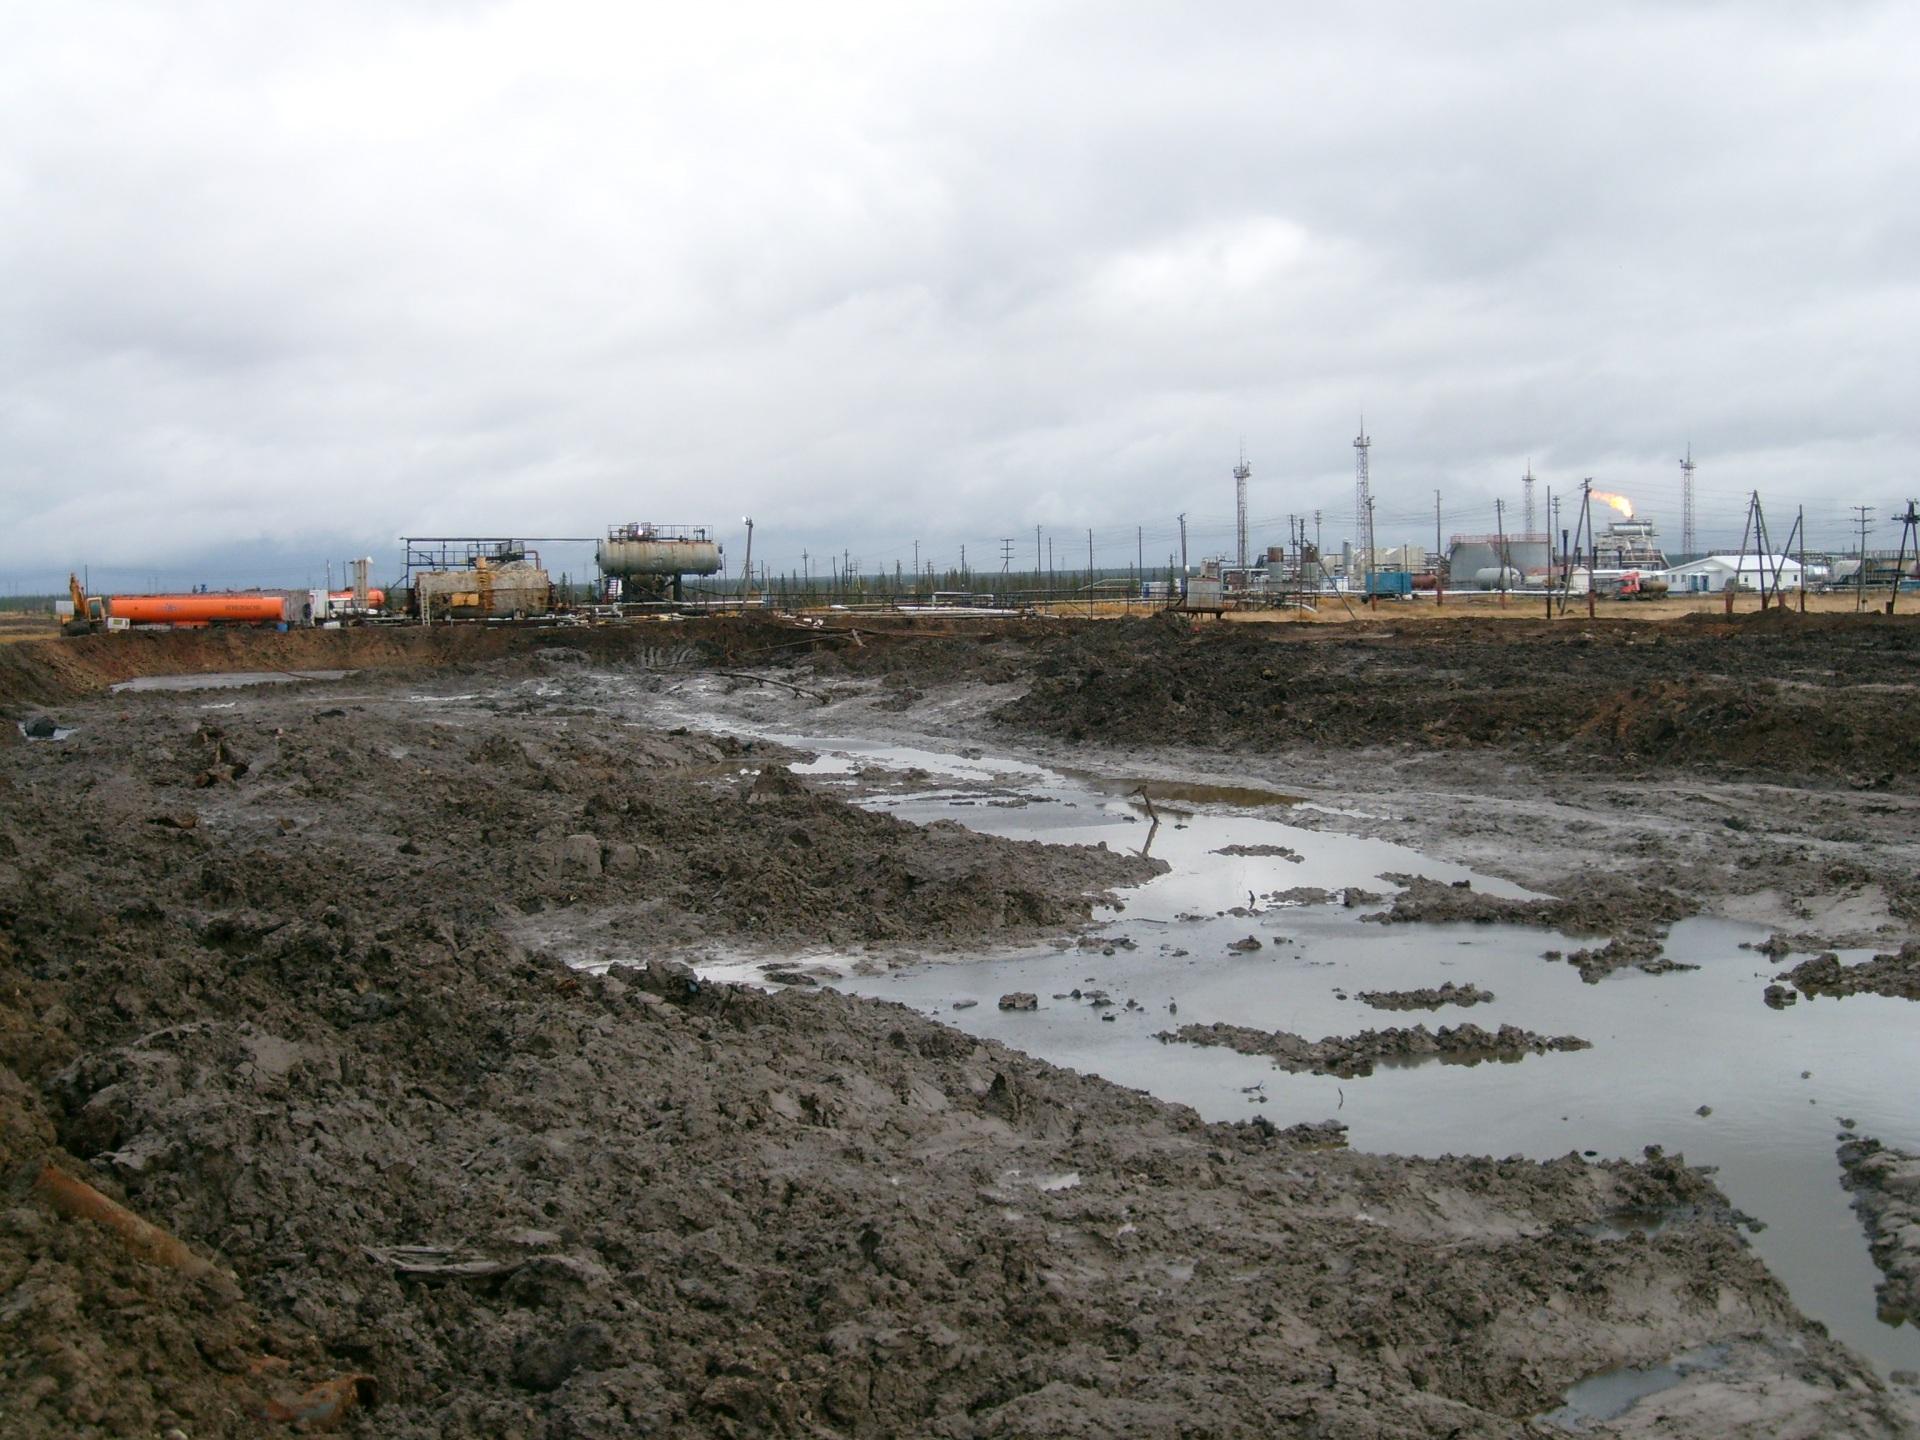 Последствия прошлогоднего нефтеразлива на Южно-Ошском нефтяном месторождении ликвидированы